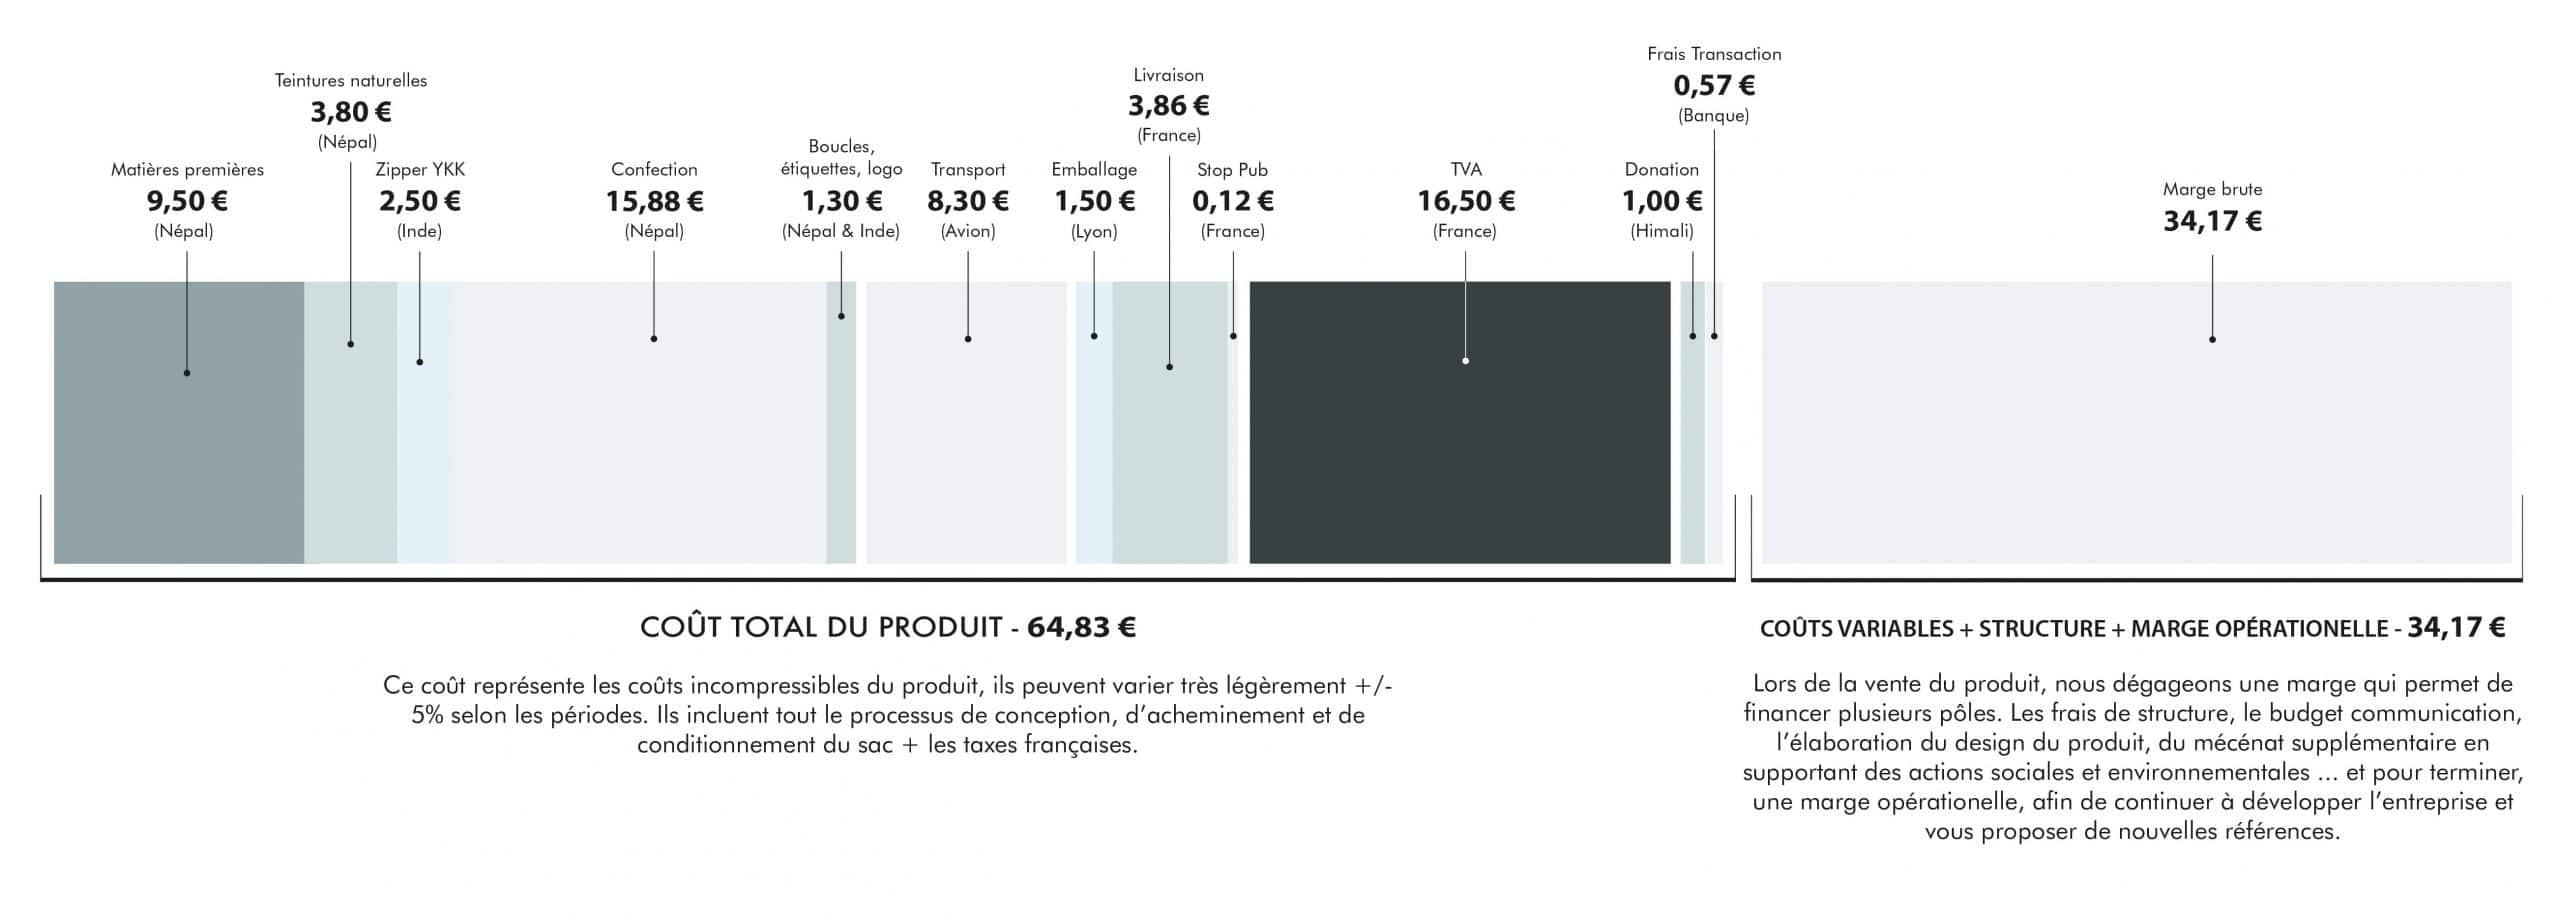 Barre de prix produit